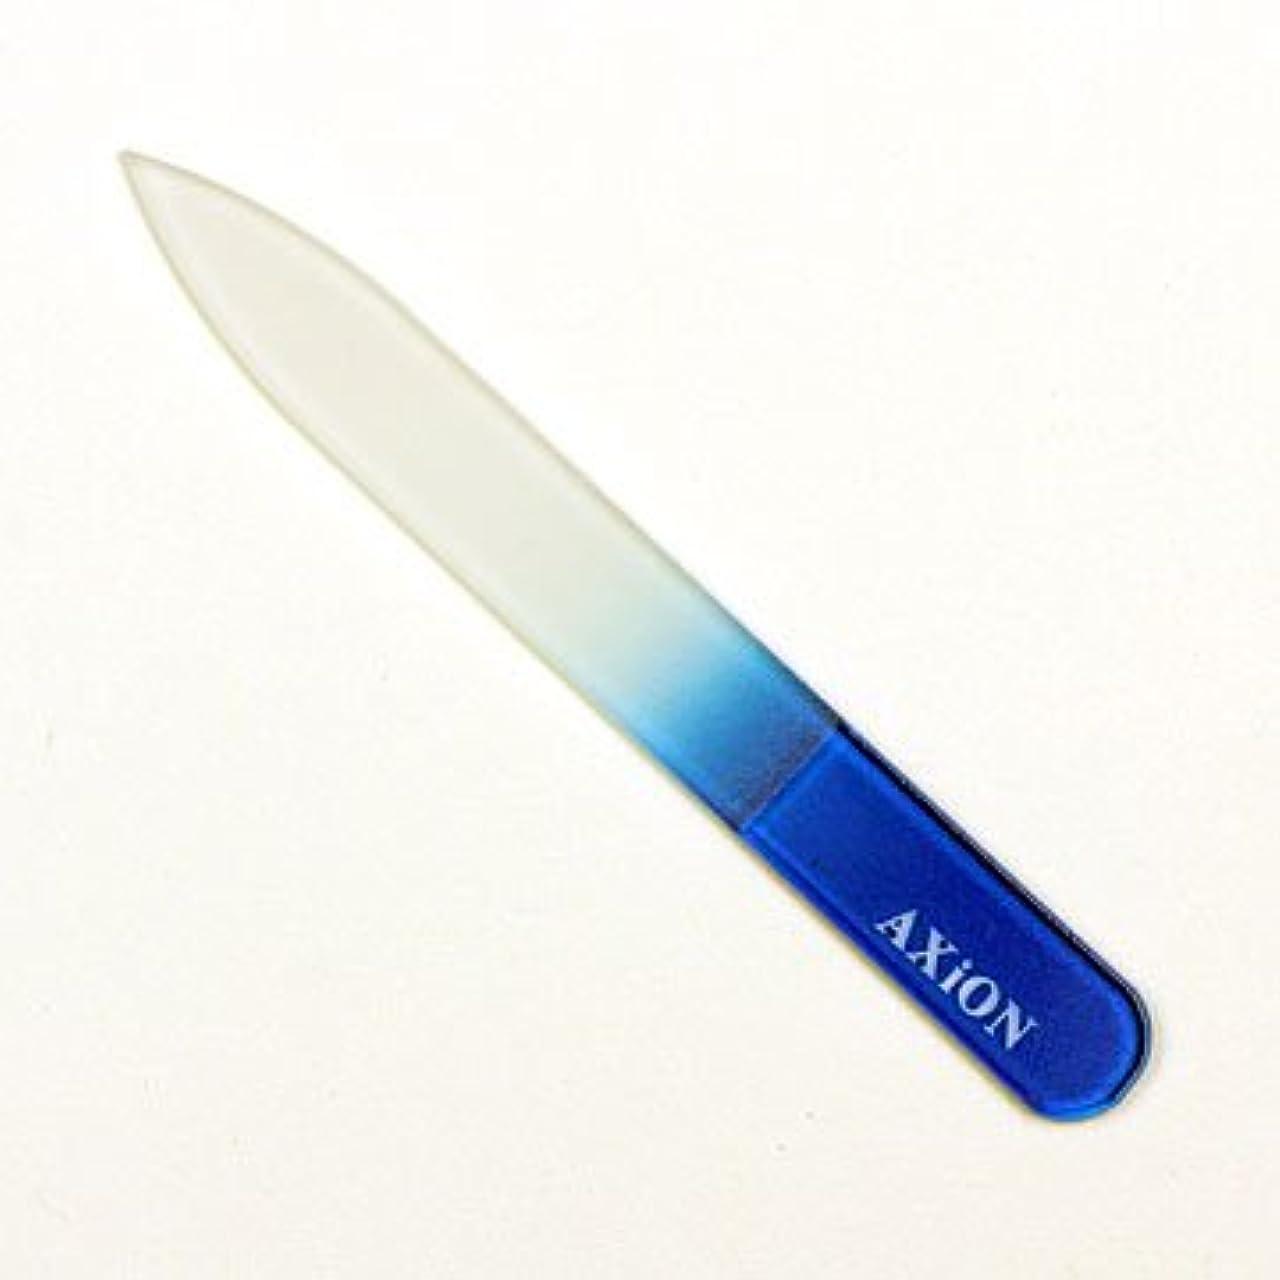 前売系統的教養があるチェコ製 AXiON(アクシオン)ガラス製爪ヤスリ(ブルー)両面タイプ #slg009567fba